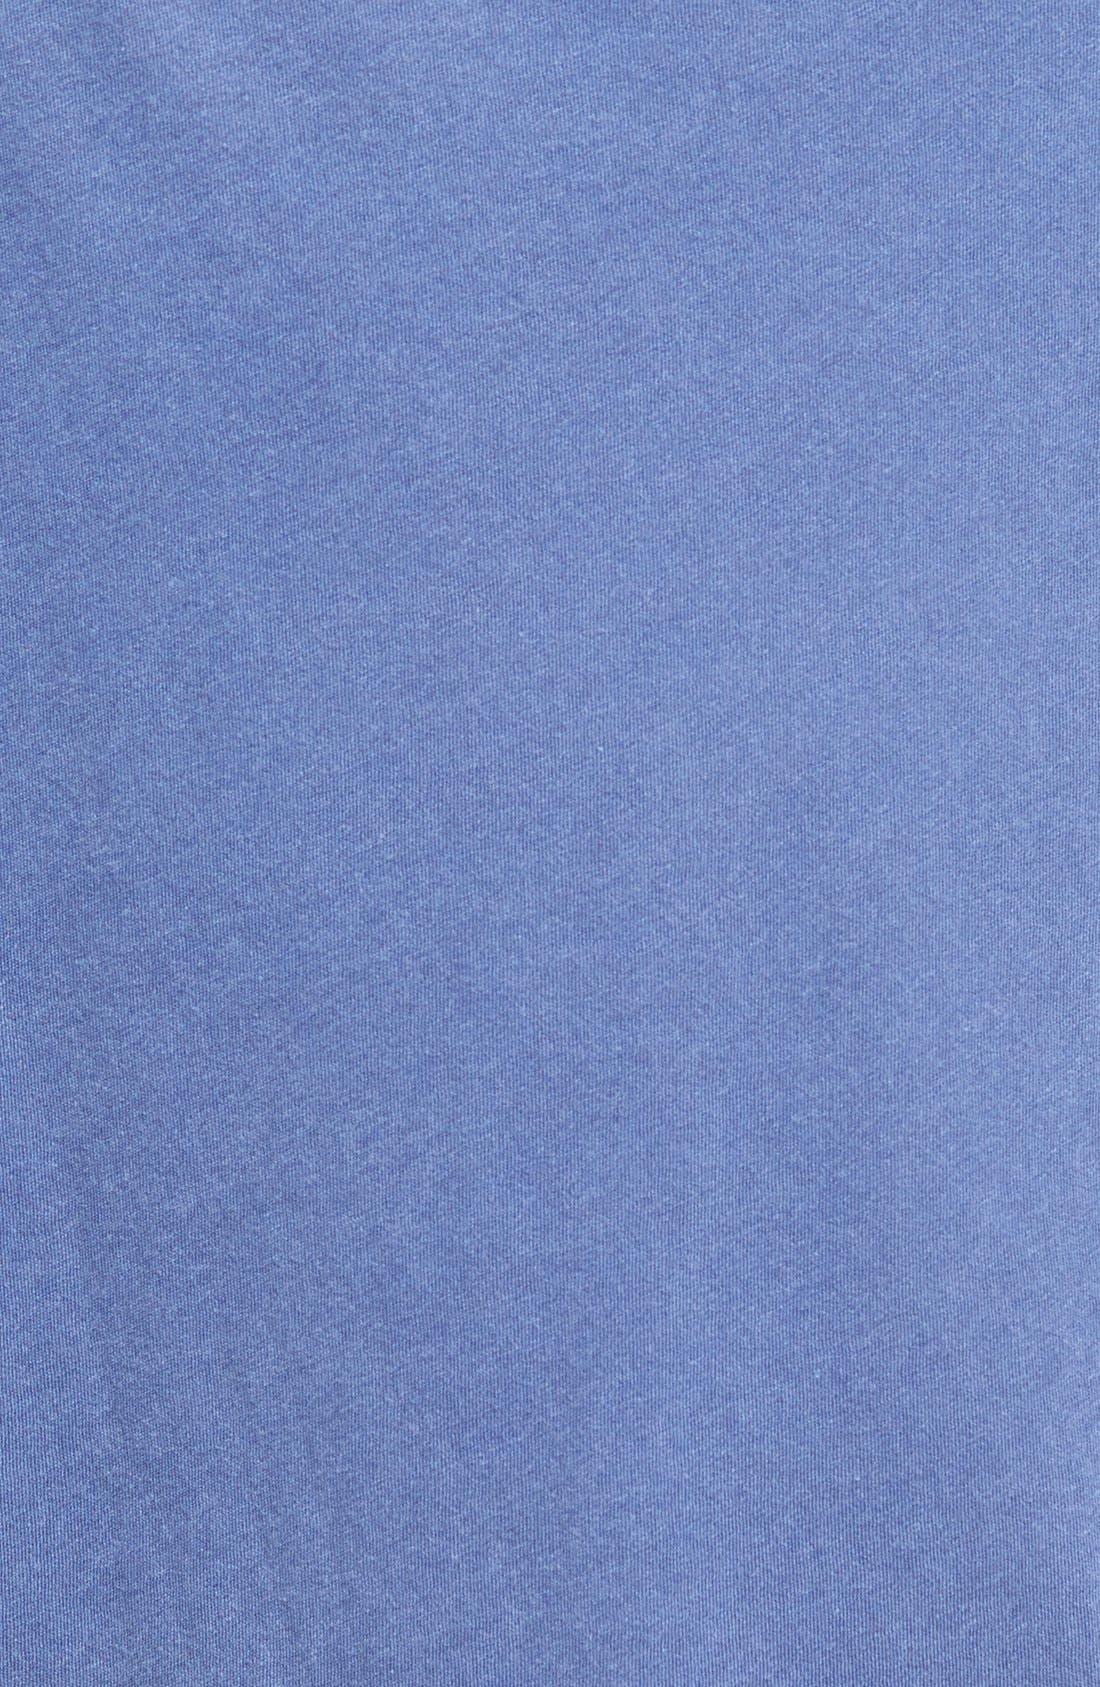 Alternate Image 5  - Splendid Cold Shoulder Tee